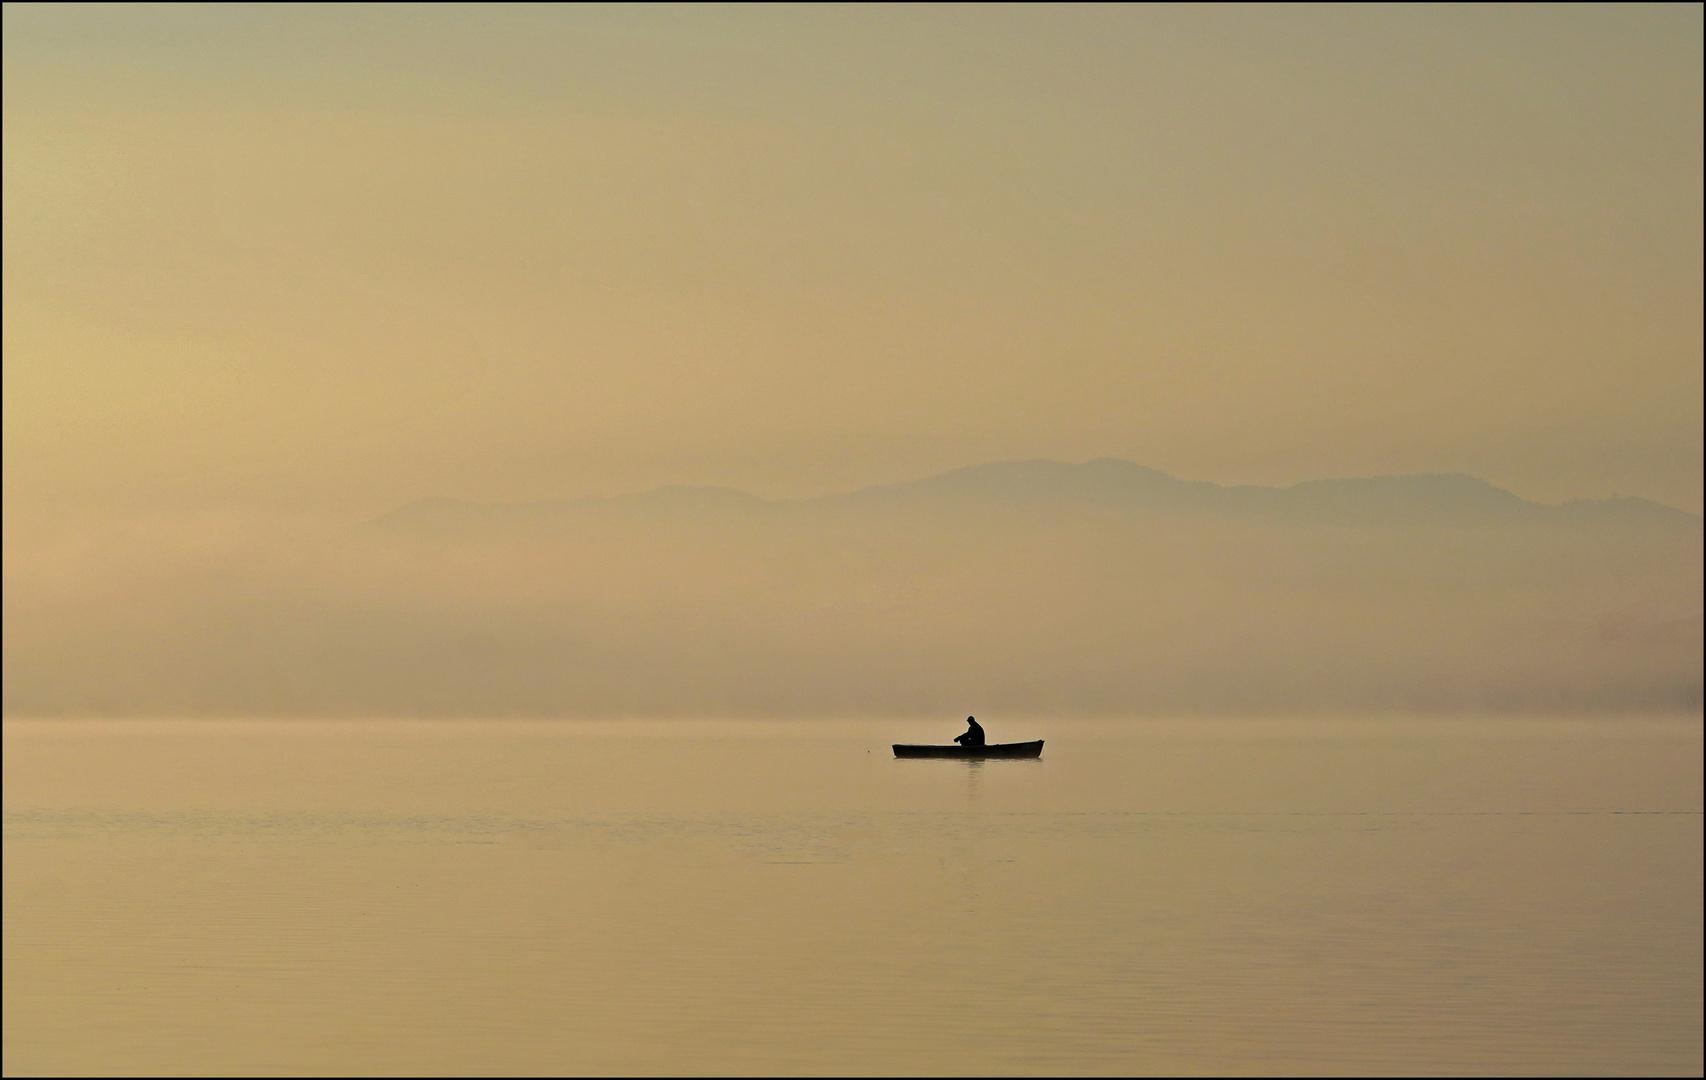 *solitude*